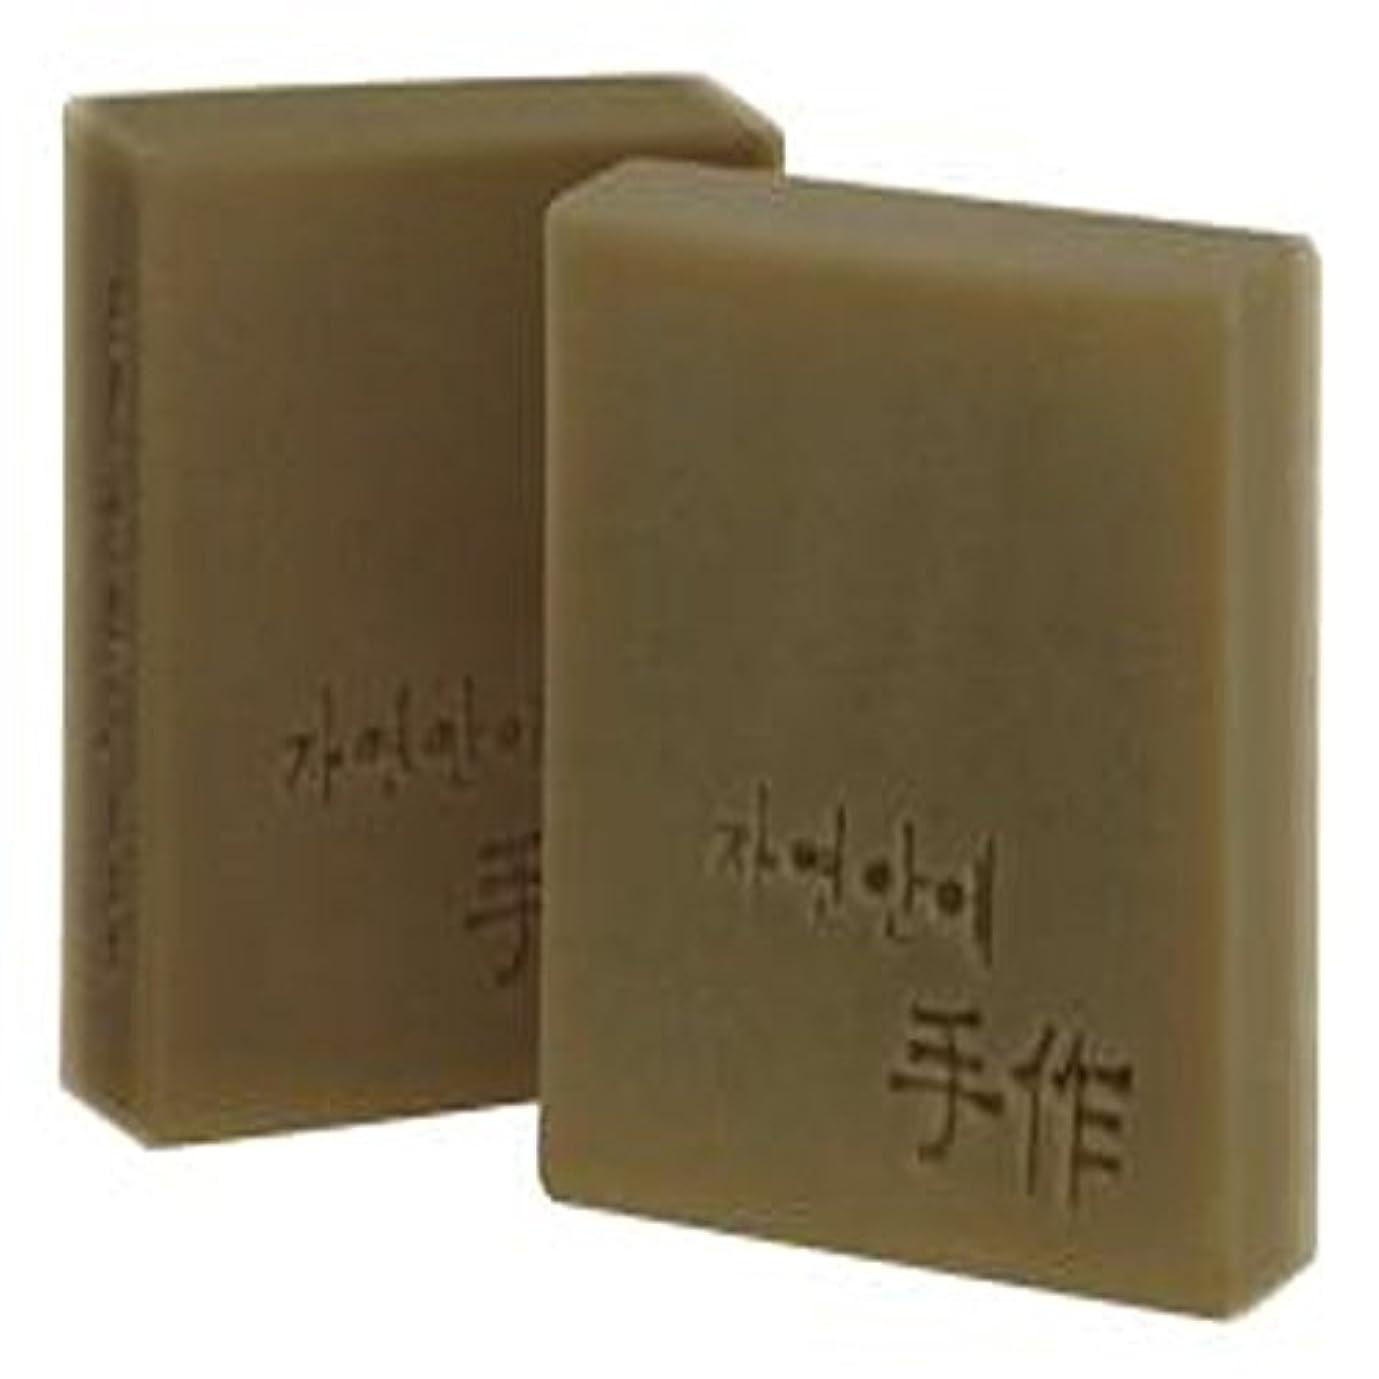 押すドリルNatural organic 有機天然ソープ 固形 無添加 洗顔せっけんクレンジング 石鹸 [並行輸入品] (カボチャ)